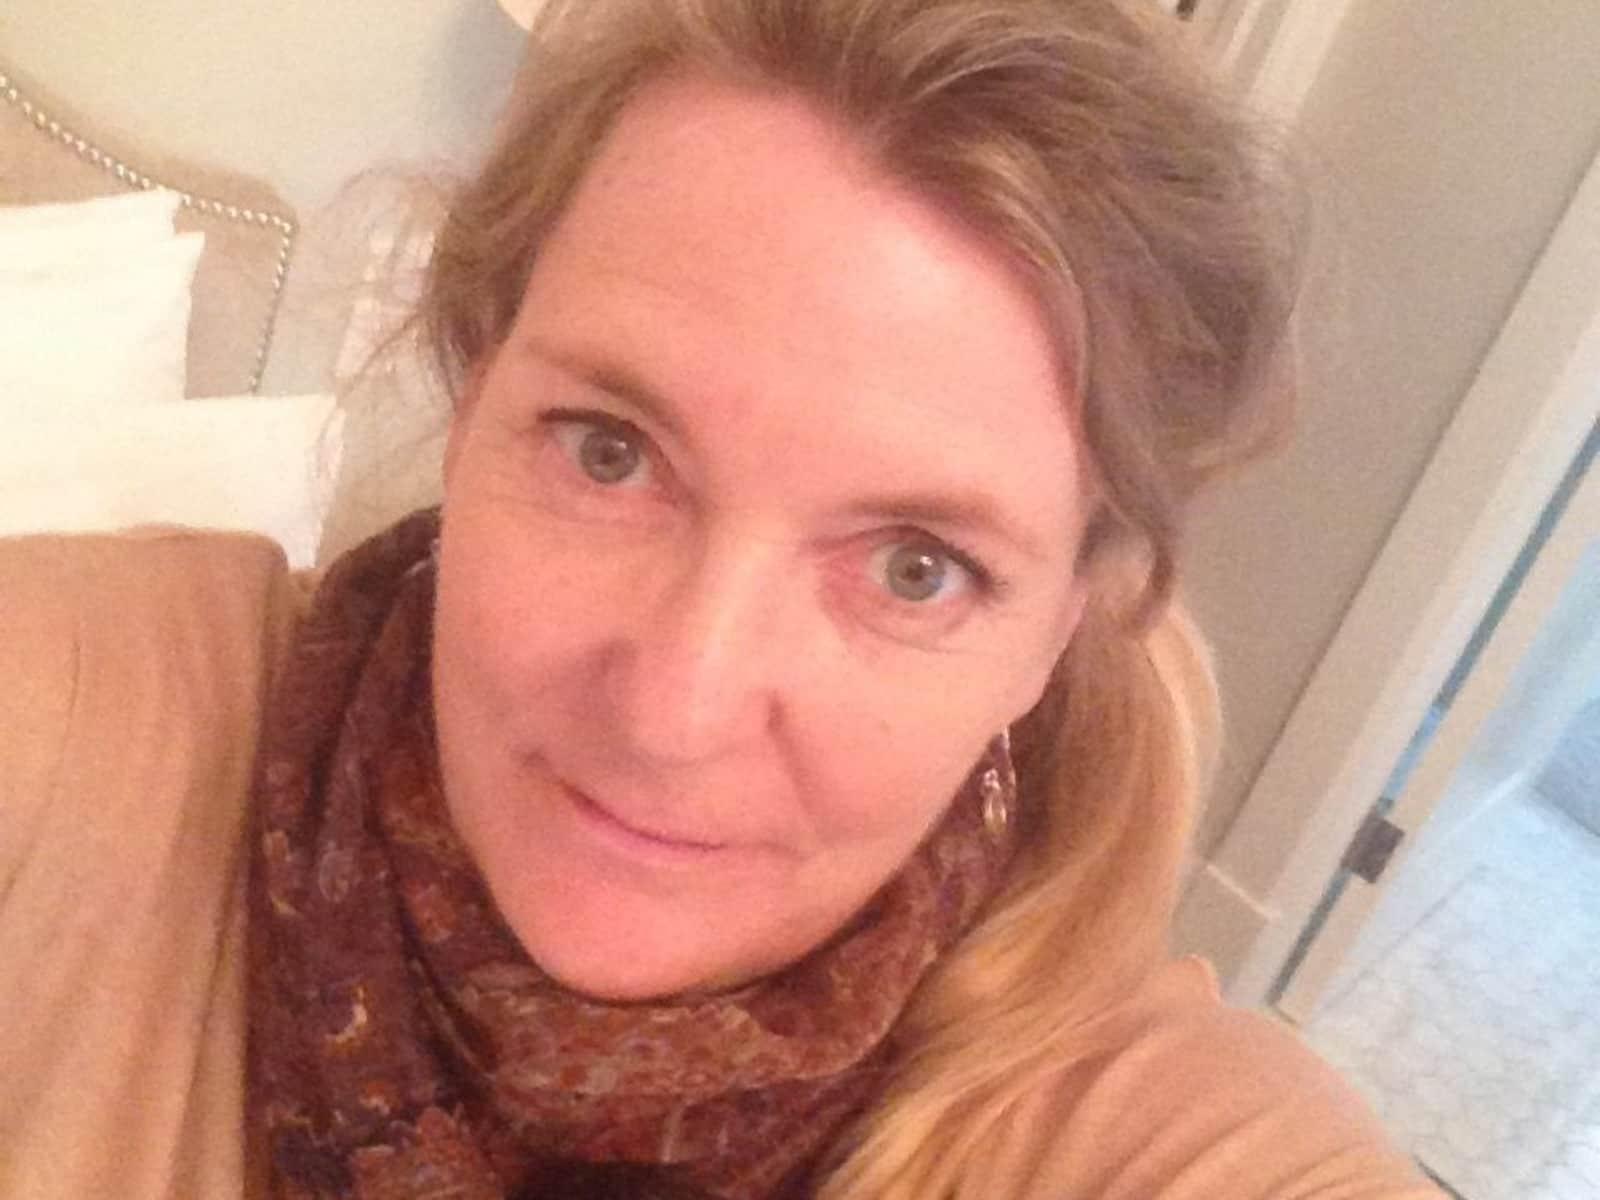 Karen from Calgary, Alberta, Canada